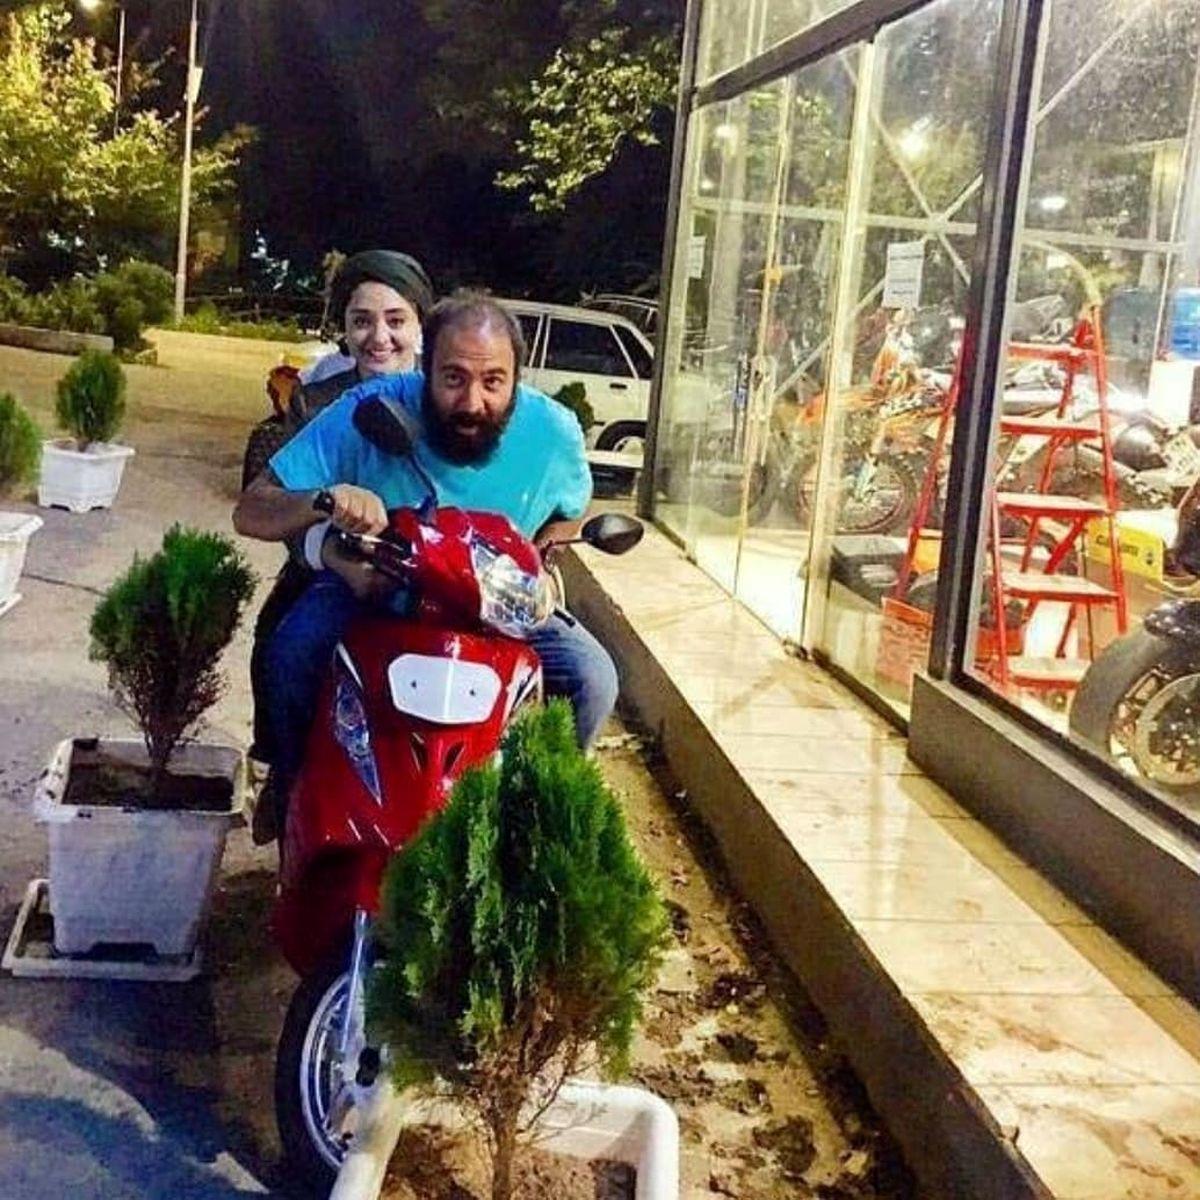 موتورسواری نرگس محمدی بدون حجاب در خیابان + عکس